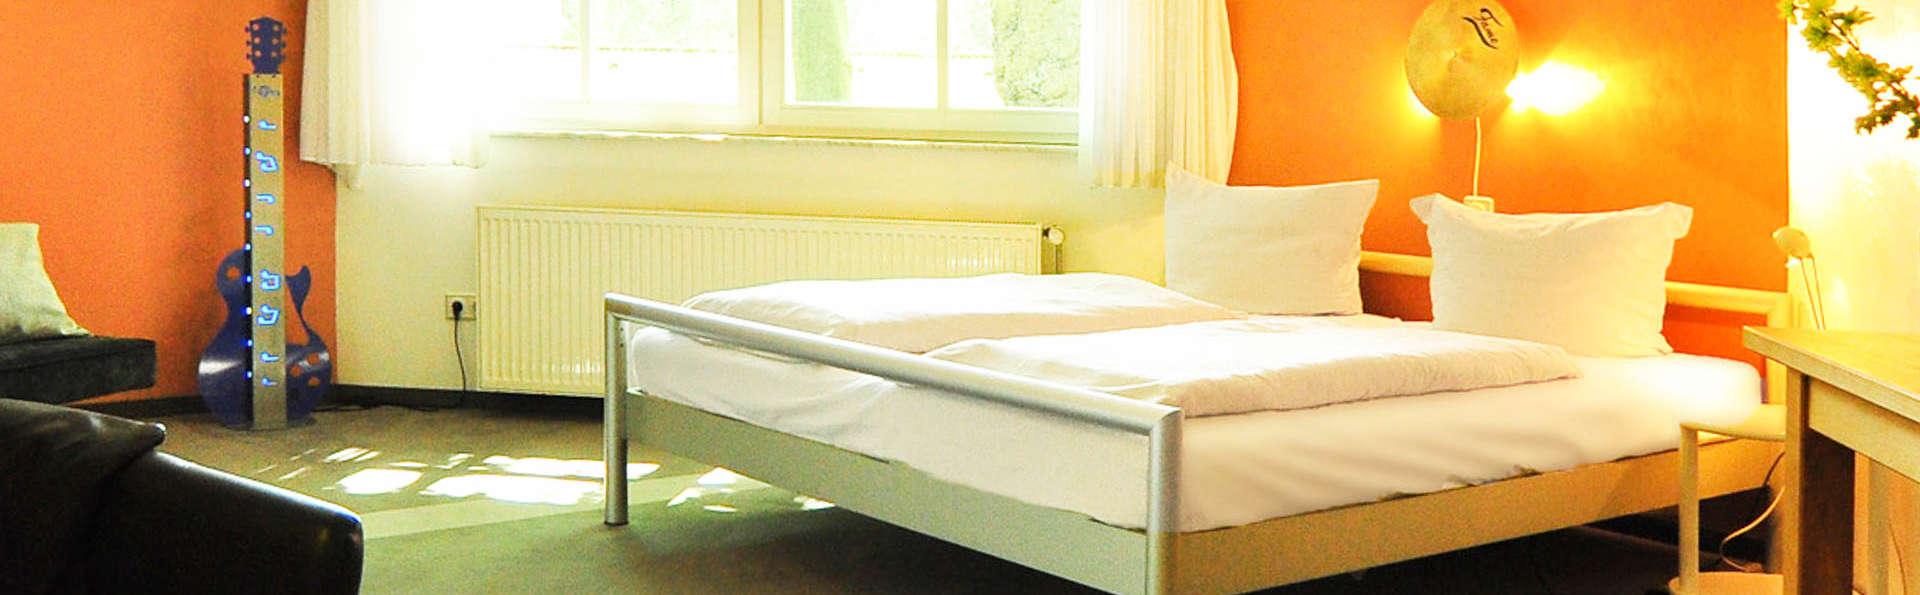 Atelier Hotel & Restaurant Nüller Hof - EDIT_ROOM.jpg